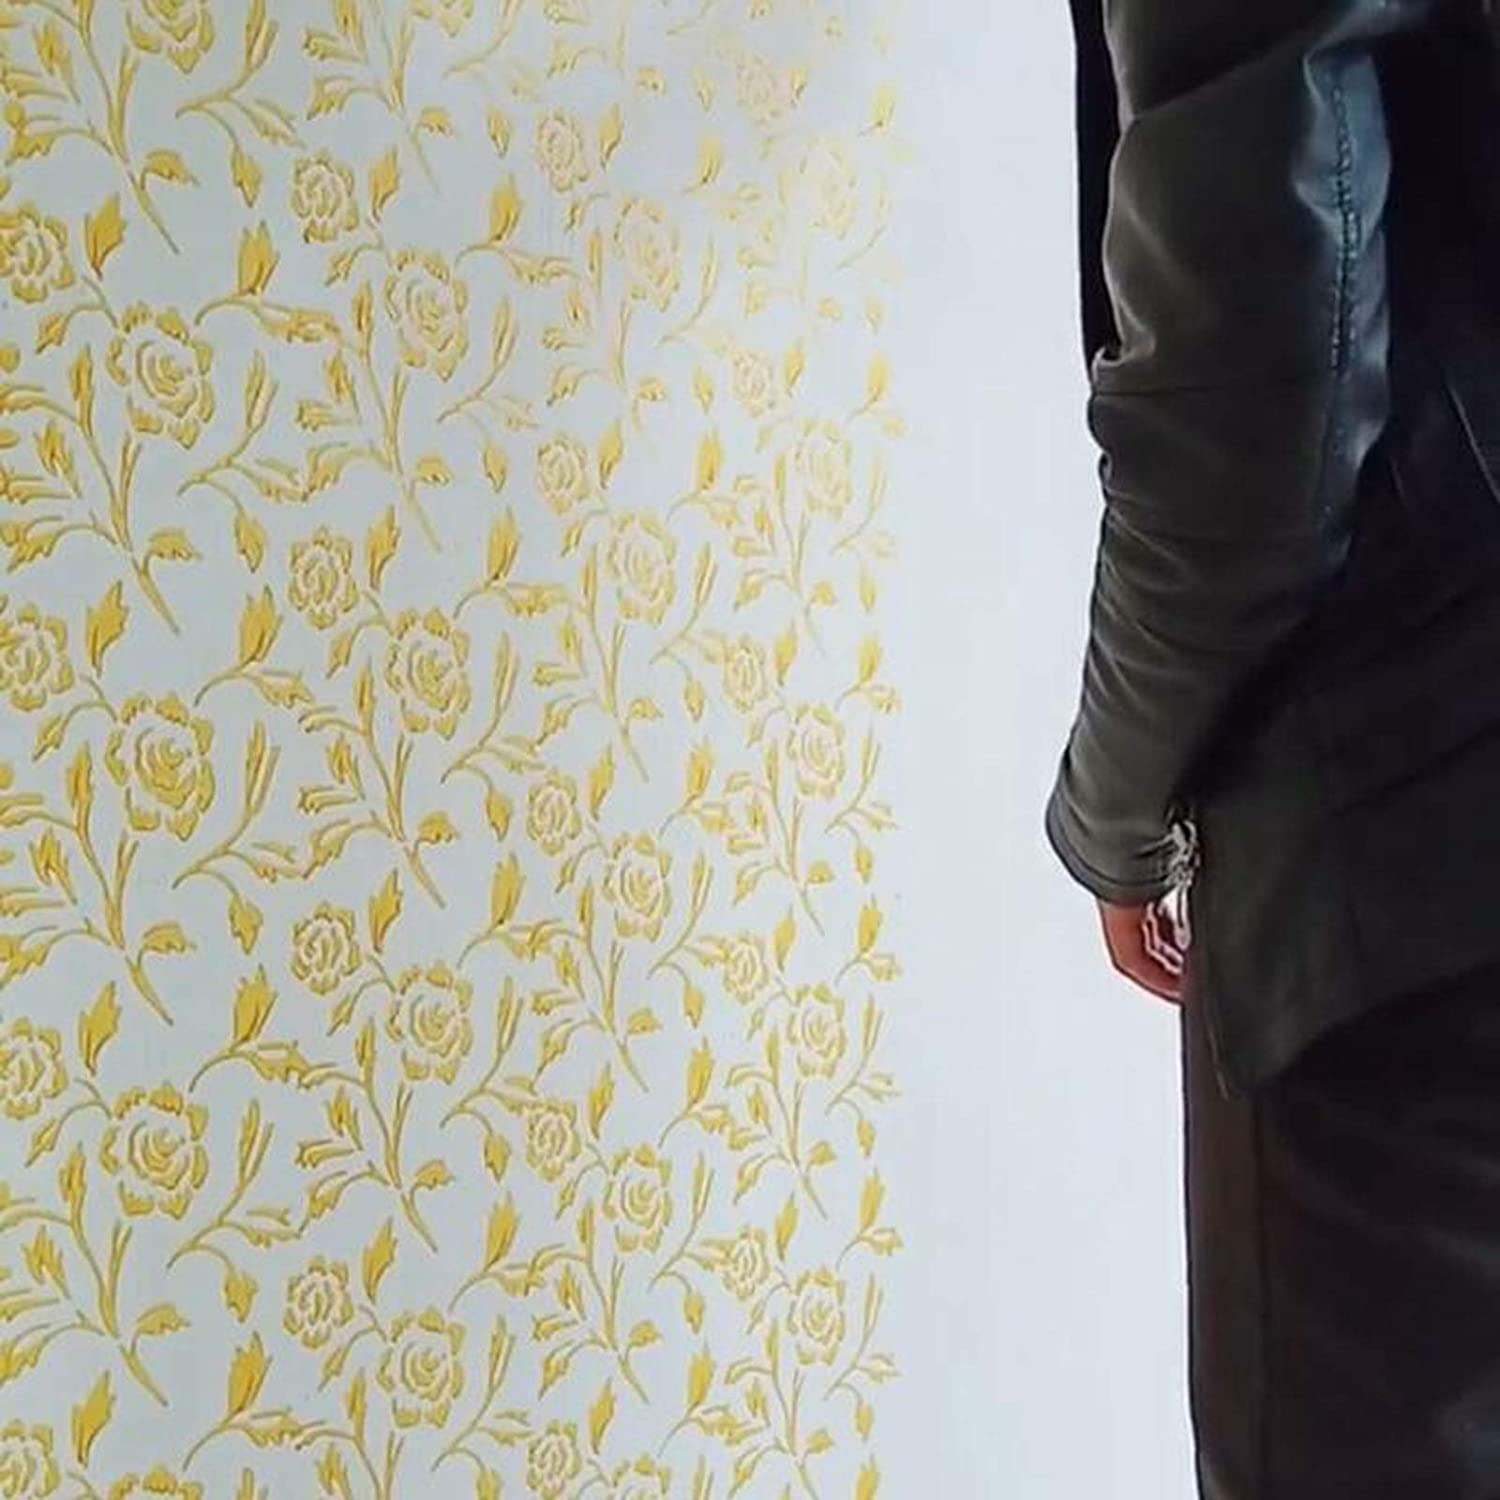 HKDJ-7 Pintura En Relieve Manga De Rodillo Textura De Pared Stencil Brush Pattern Decor con Herramienta De Rodillo De Alivio De Mango De Pl/ástico,Single Color